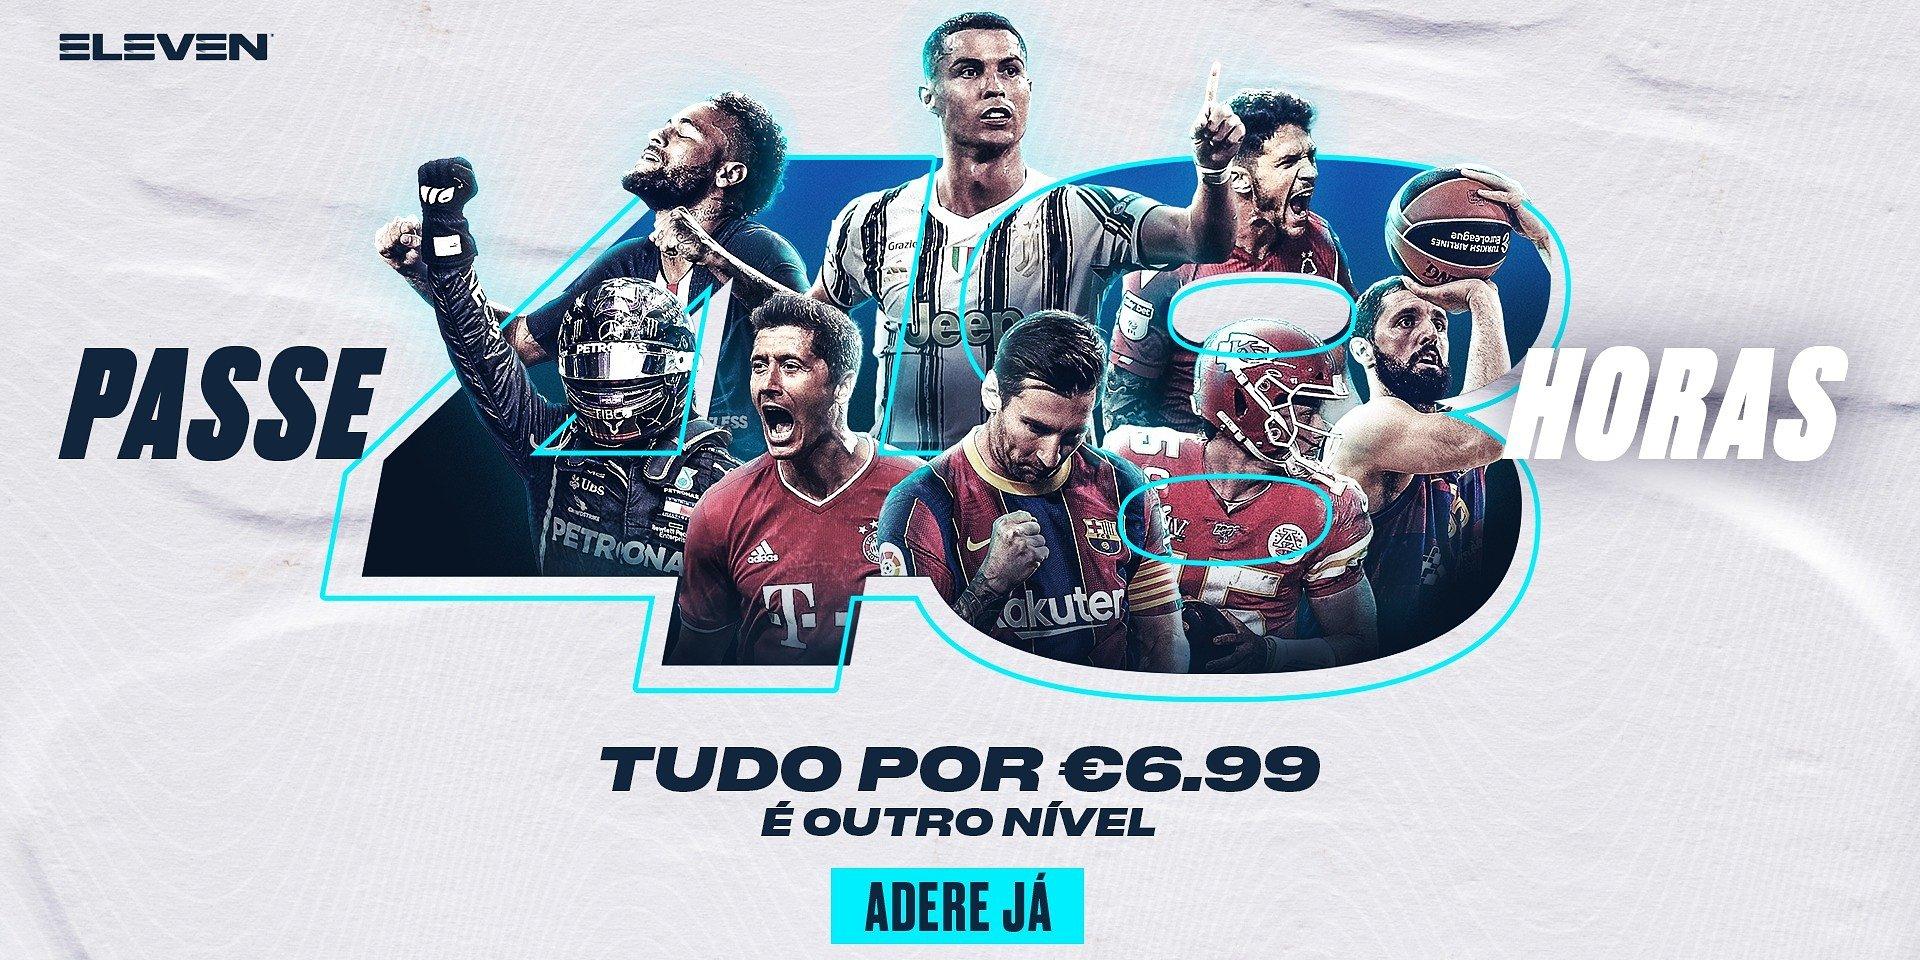 ELEVEN lança primeiro Pay-Per-Time de 48 horas em Portugal